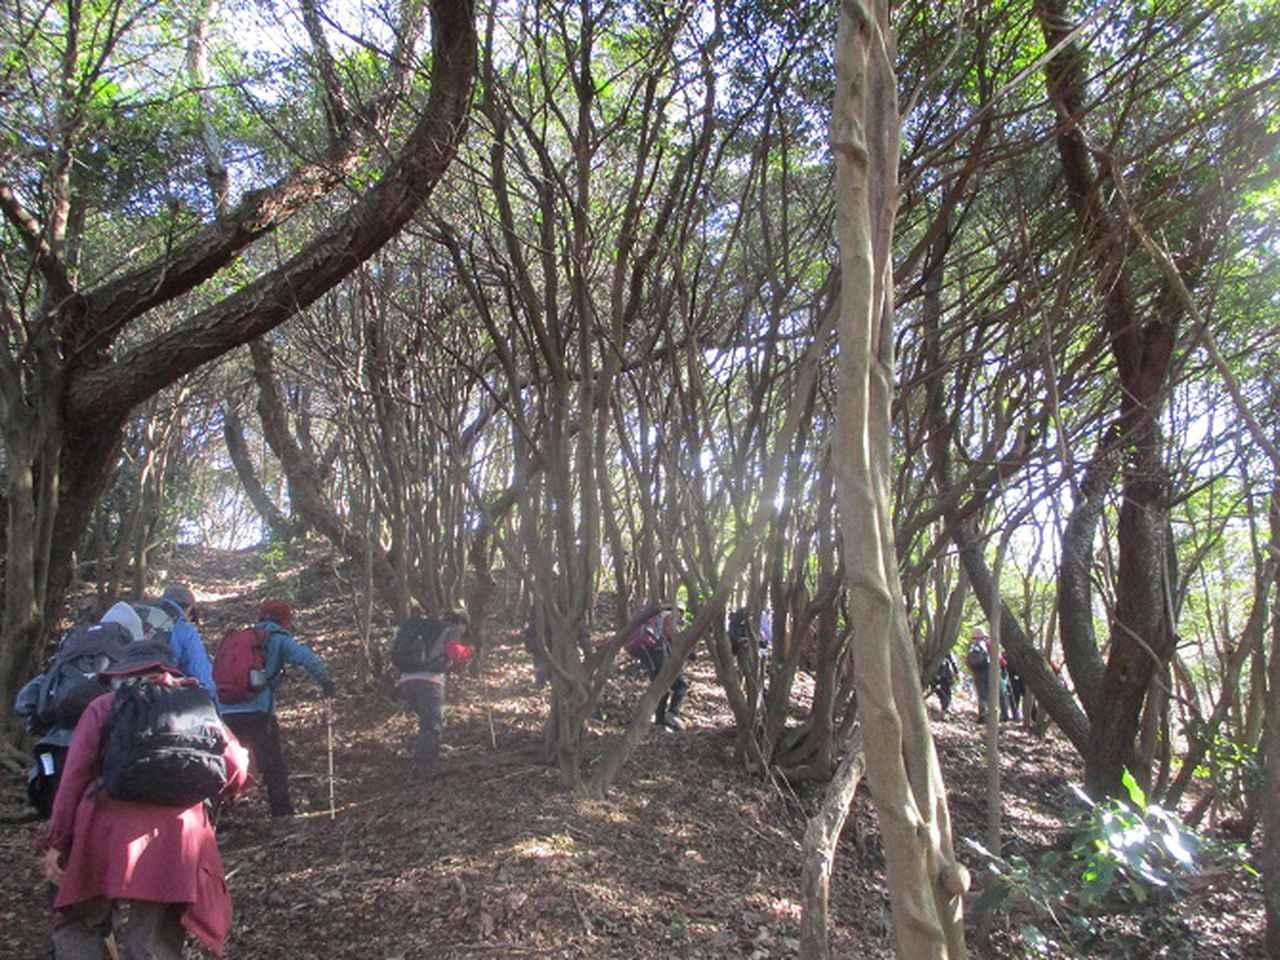 画像2: 1月10日に山旅会 神峰山から鞍掛山 ツアーに行ってきました!